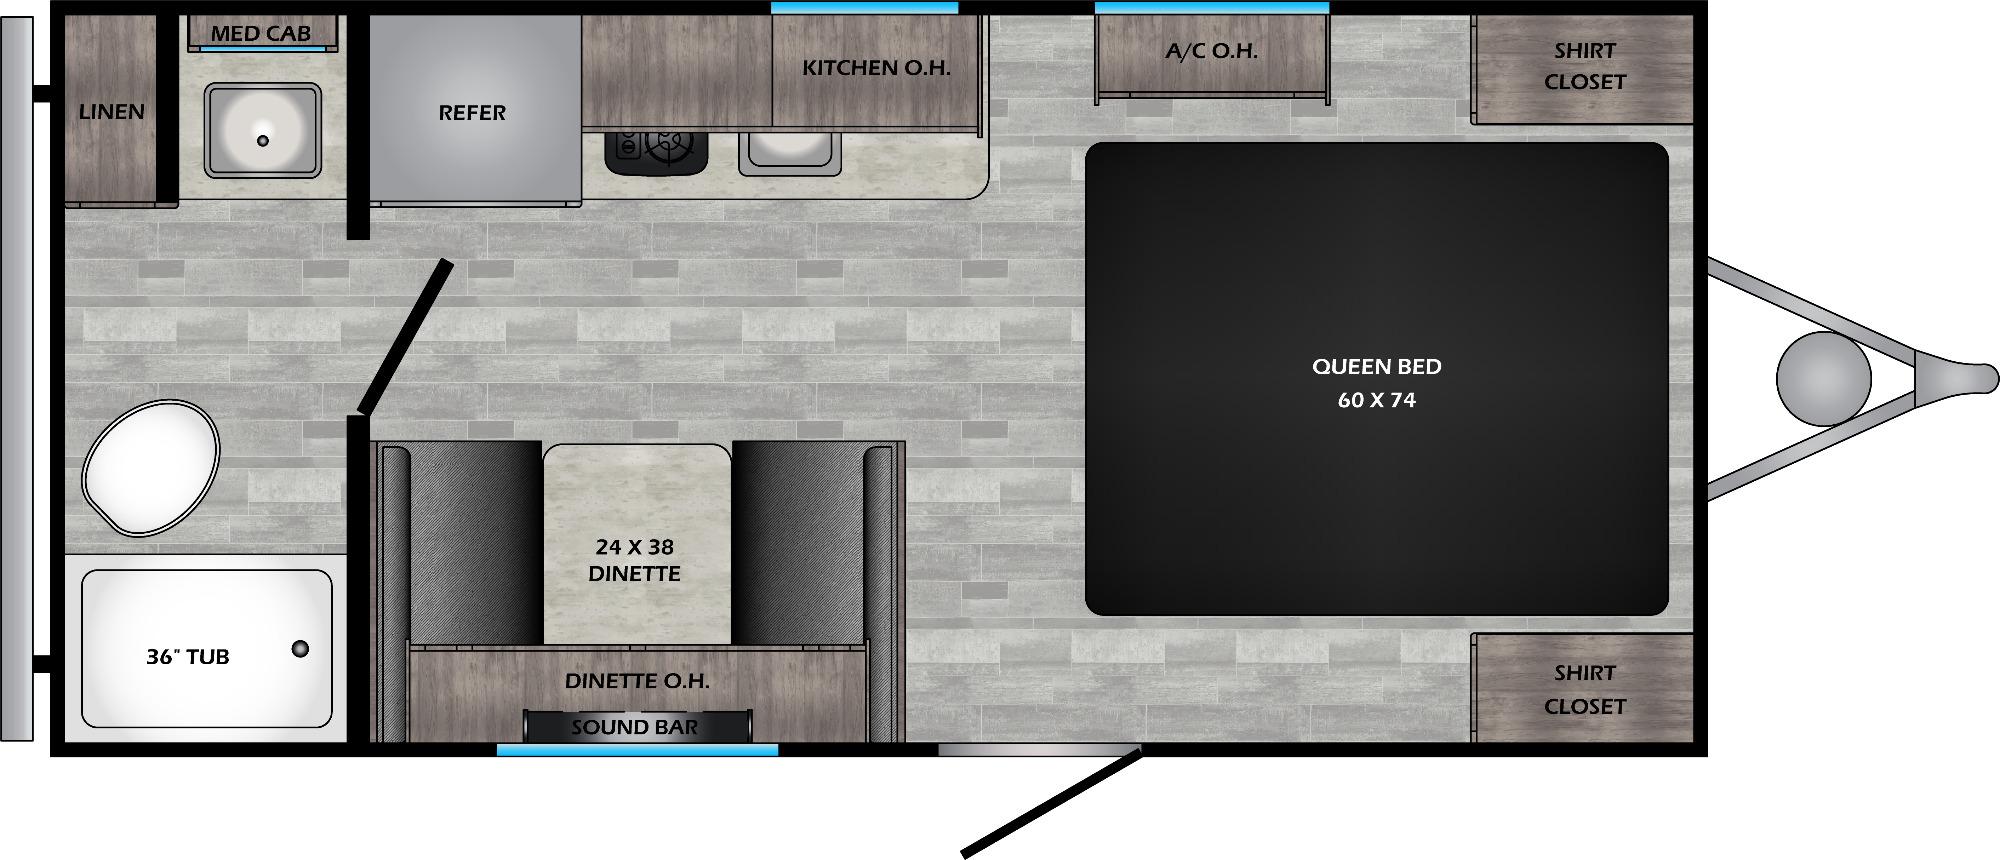 View Floor Plan for 2021 CROSSROADS ZINGER 18RB